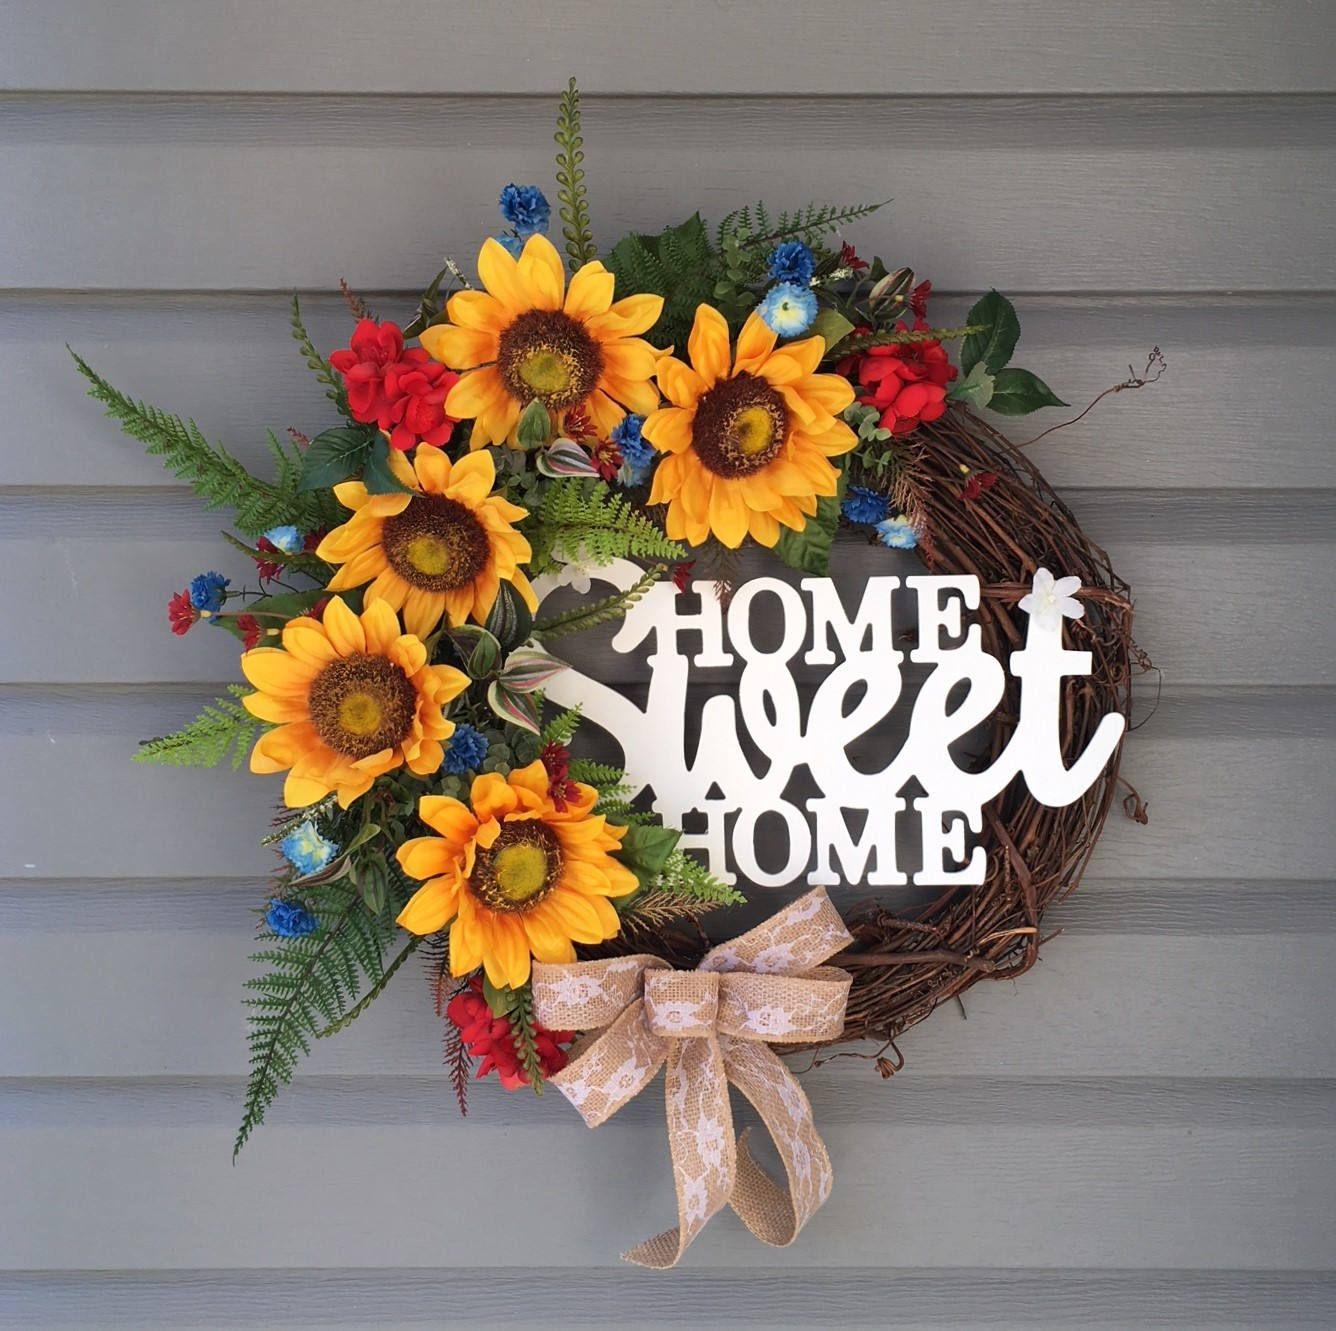 Sunflower Wreath, Sunflower Wreath For Front Door, Year Round Wreath,  Country Wreath,